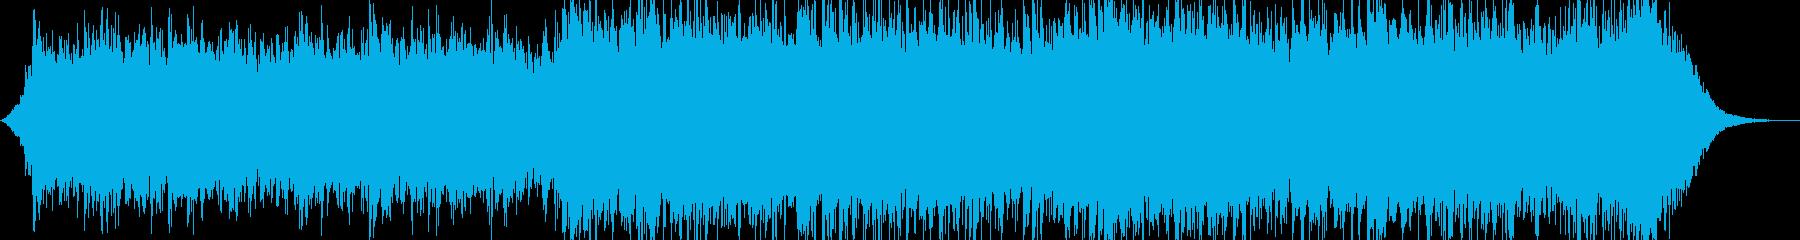 代替案 ポップ クラシック 交響曲...の再生済みの波形